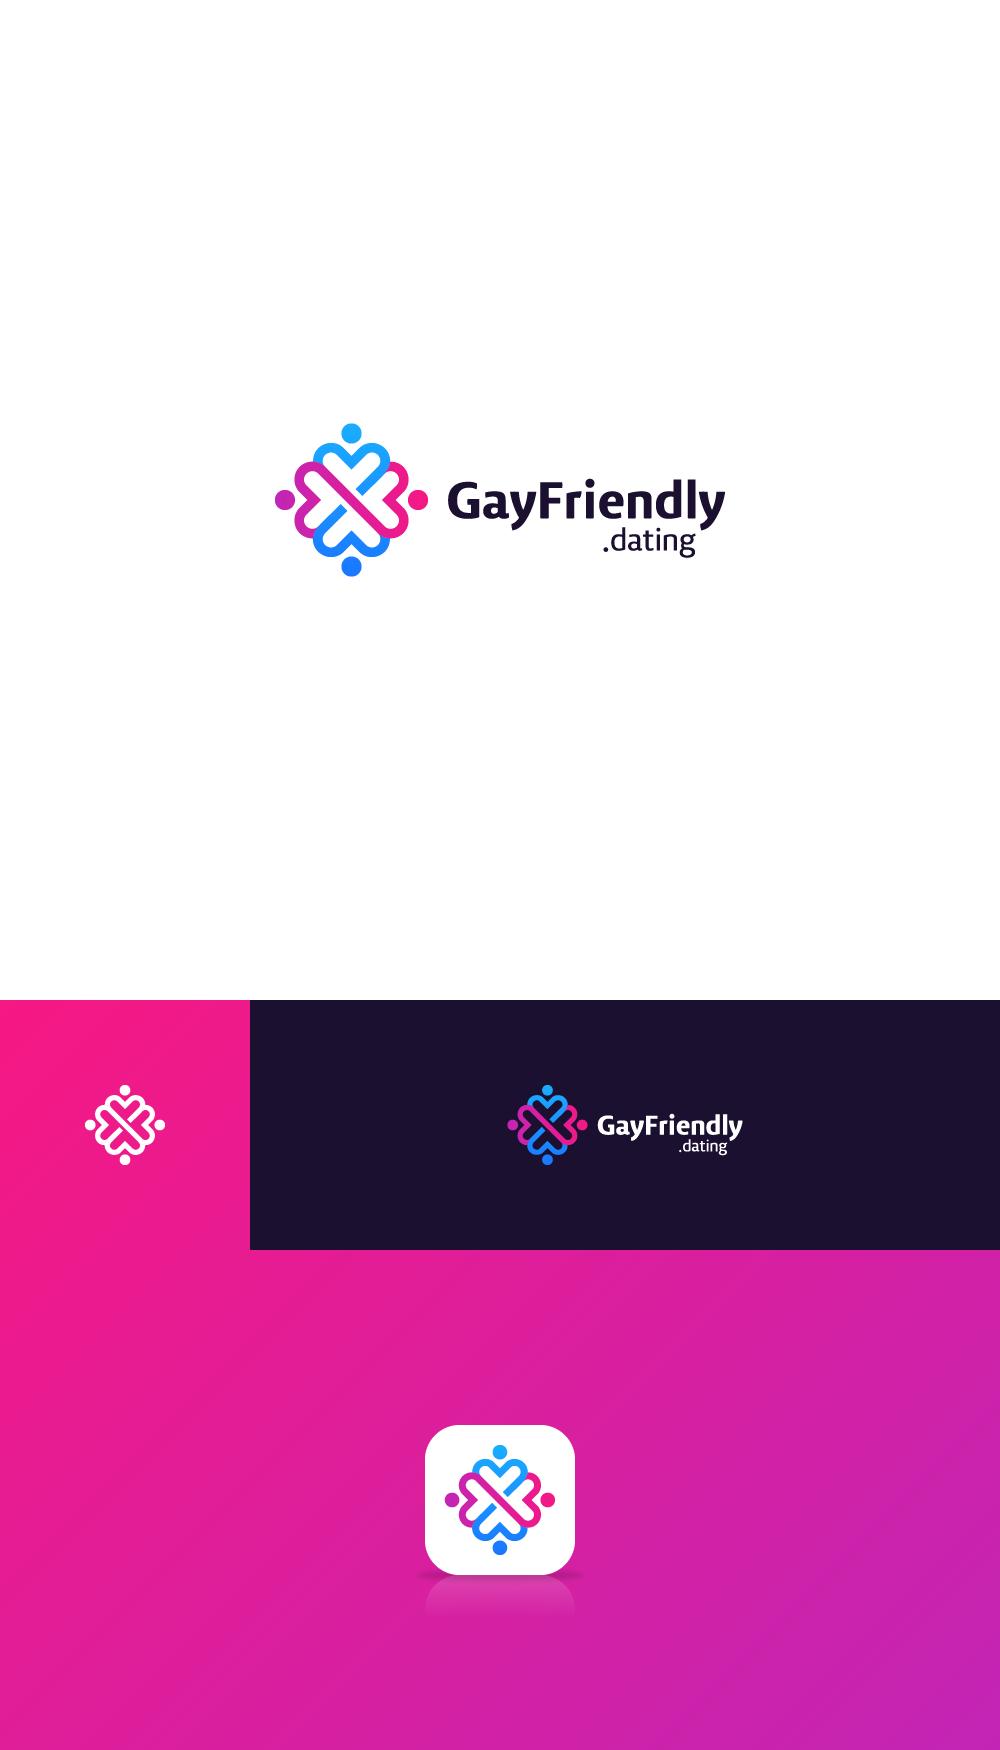 Разработать логотип для англоязычн. сайта знакомств для геев фото f_4775b44bbc164f41.png